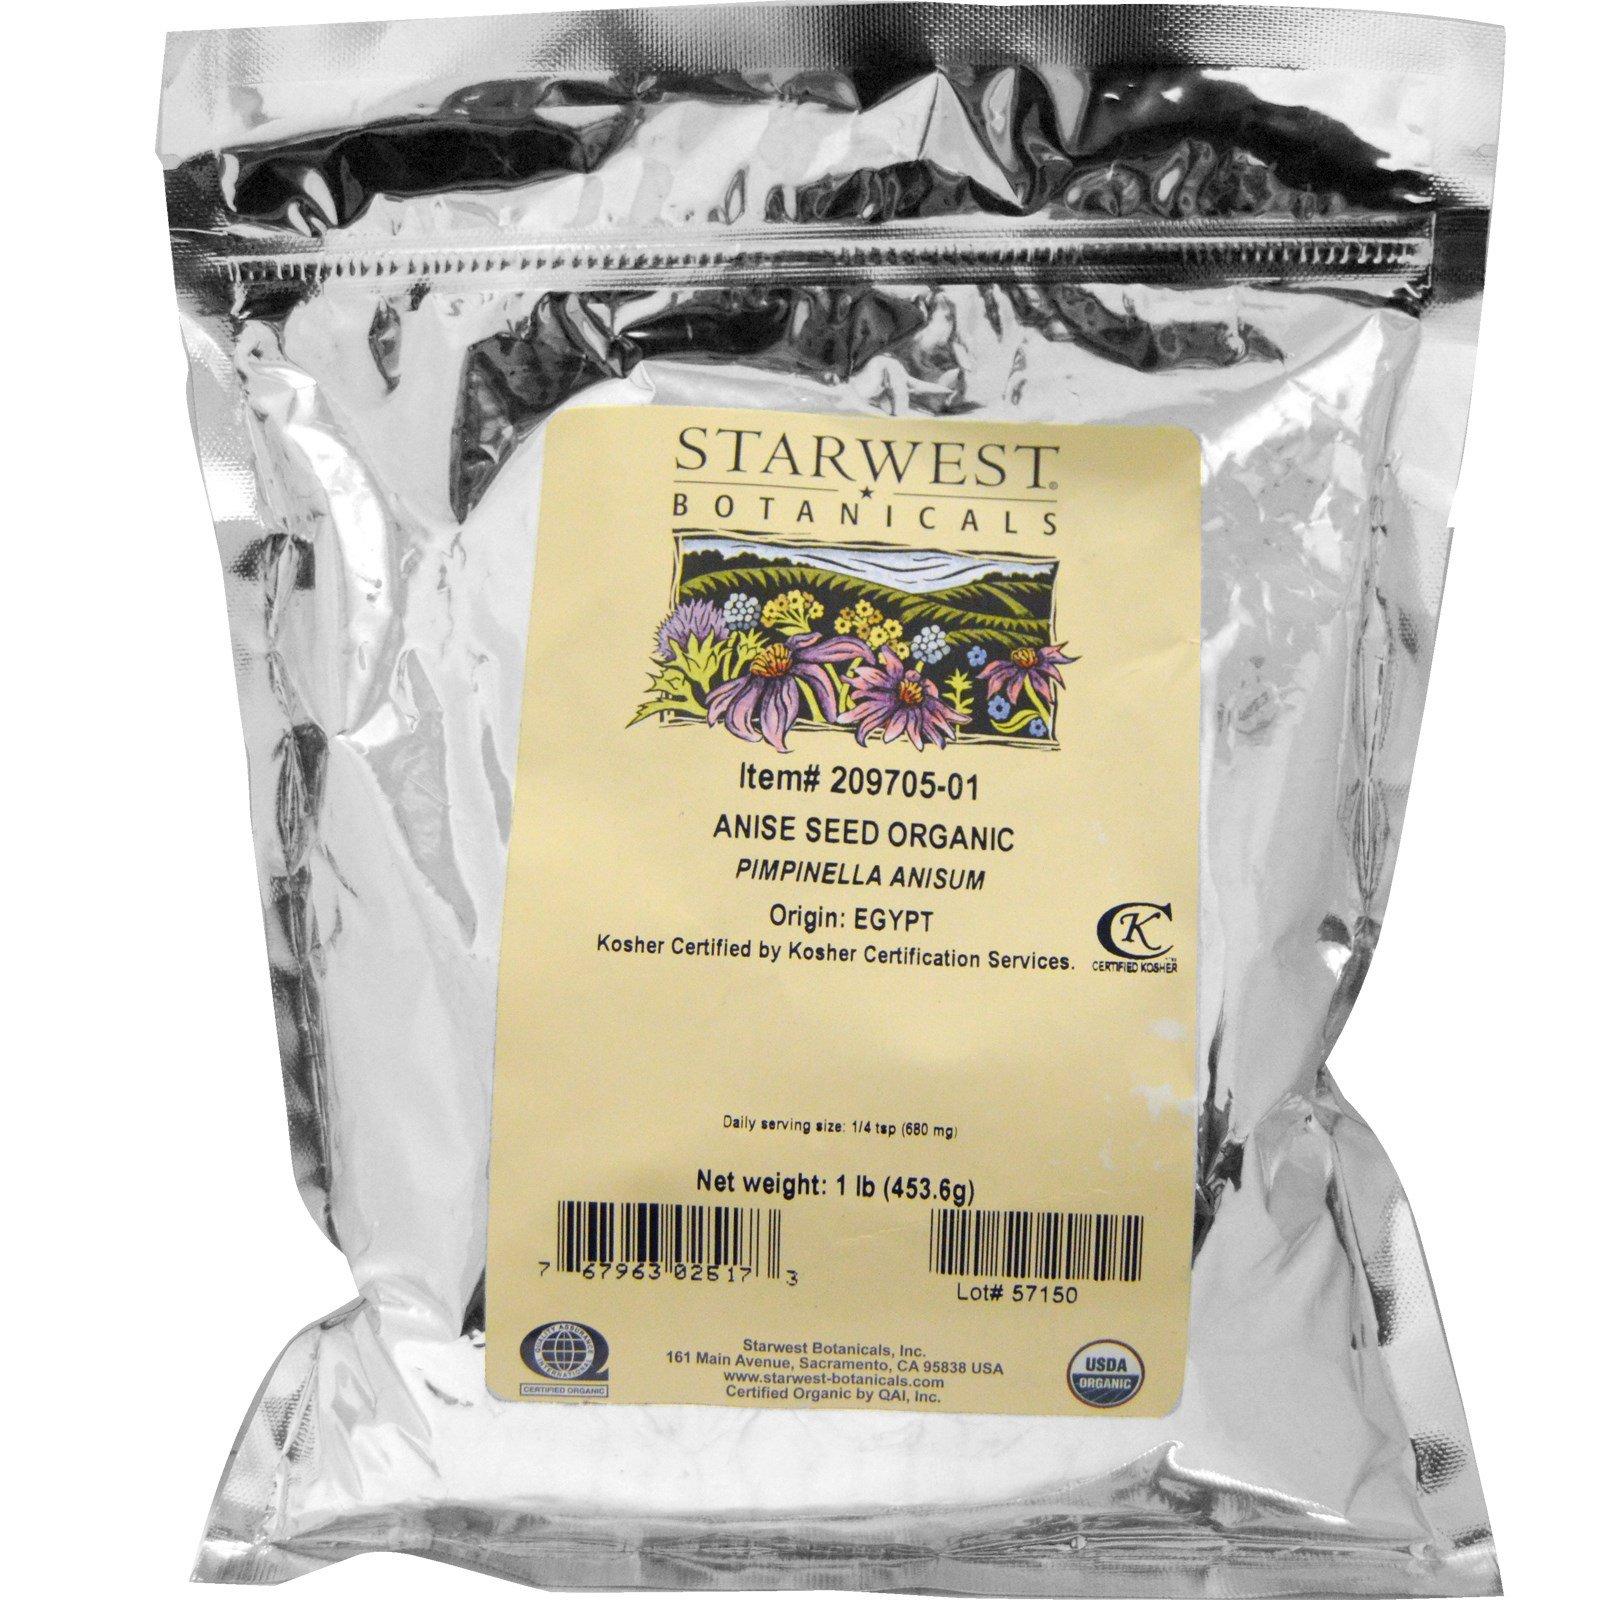 Starwest Botanicals, Anise Seed Whole, Organic, 1 lb